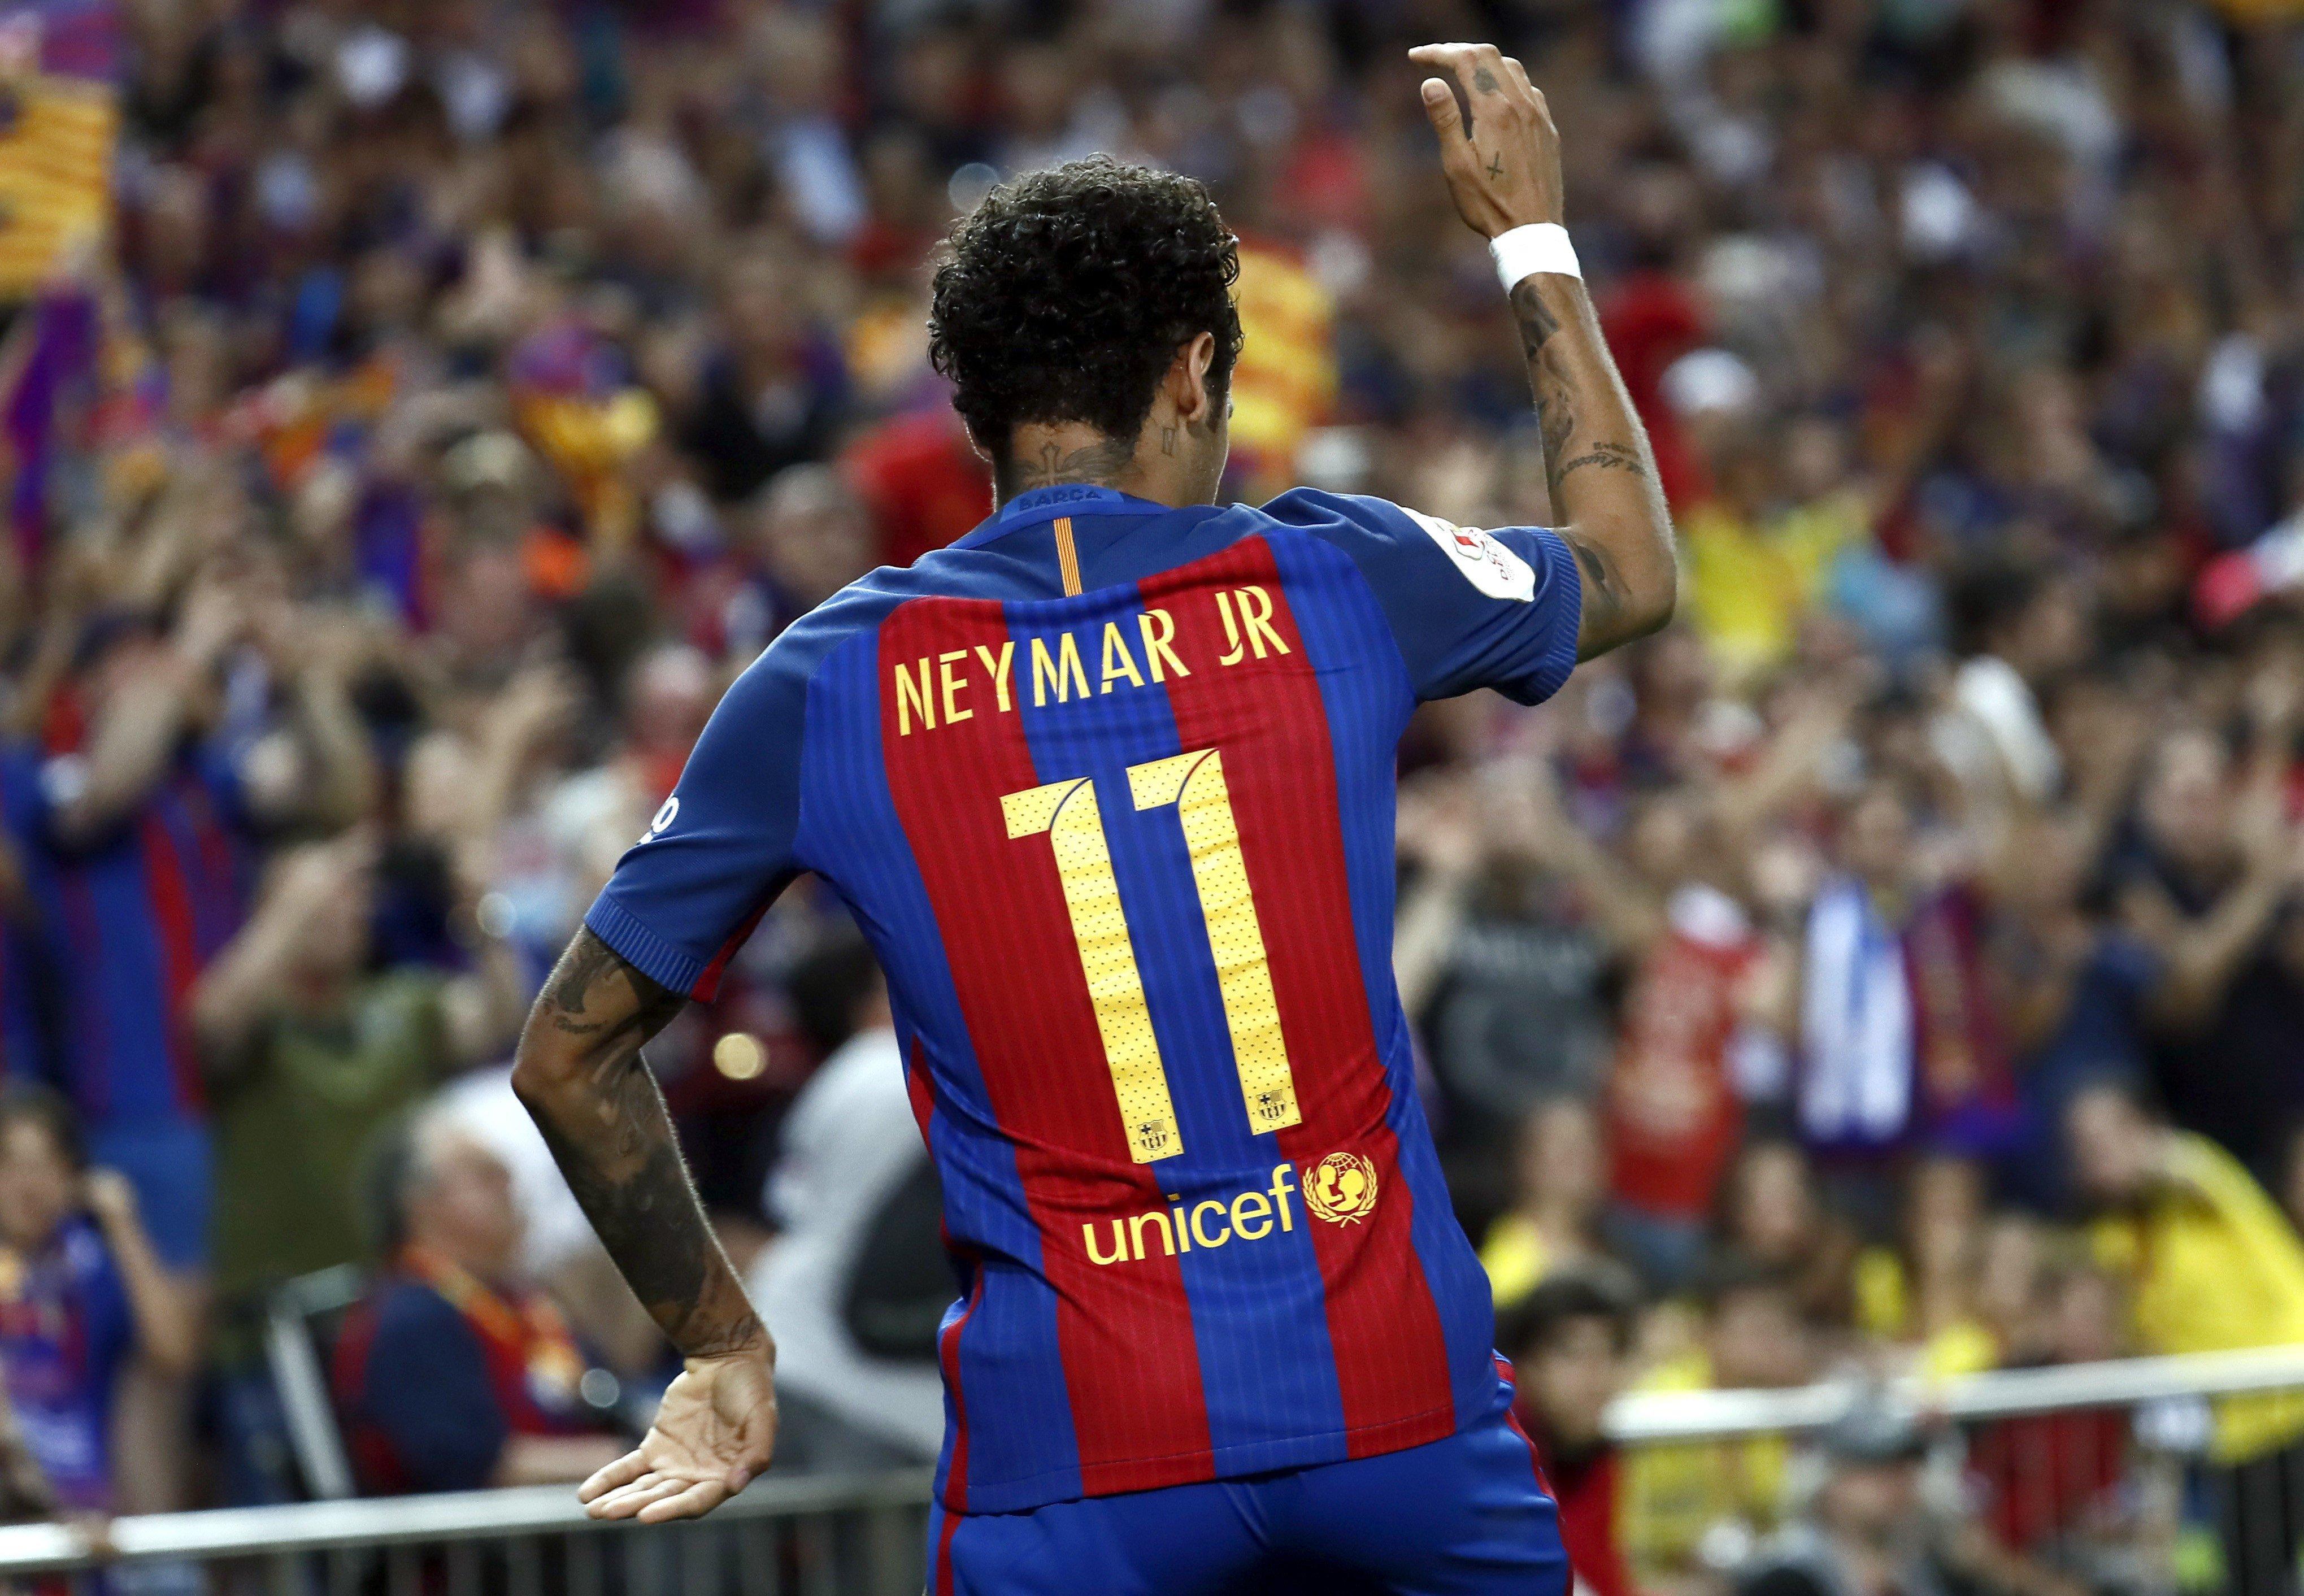 Neymar celebracio gol Barça Alabes EFE